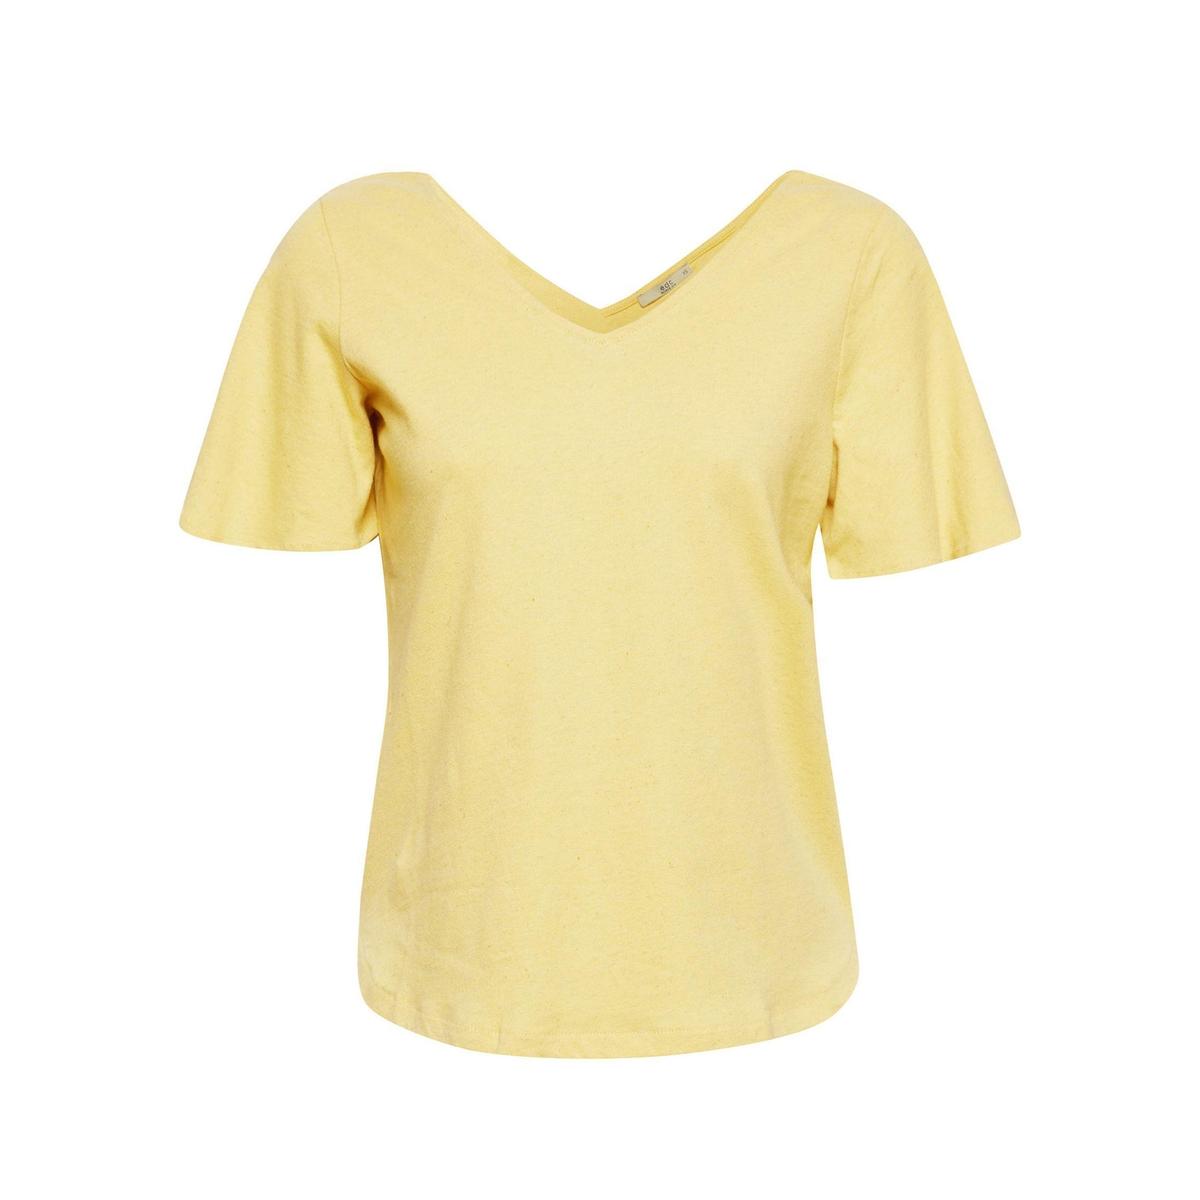 Camiseta con cuello de pico delante y detrás, de manga corta